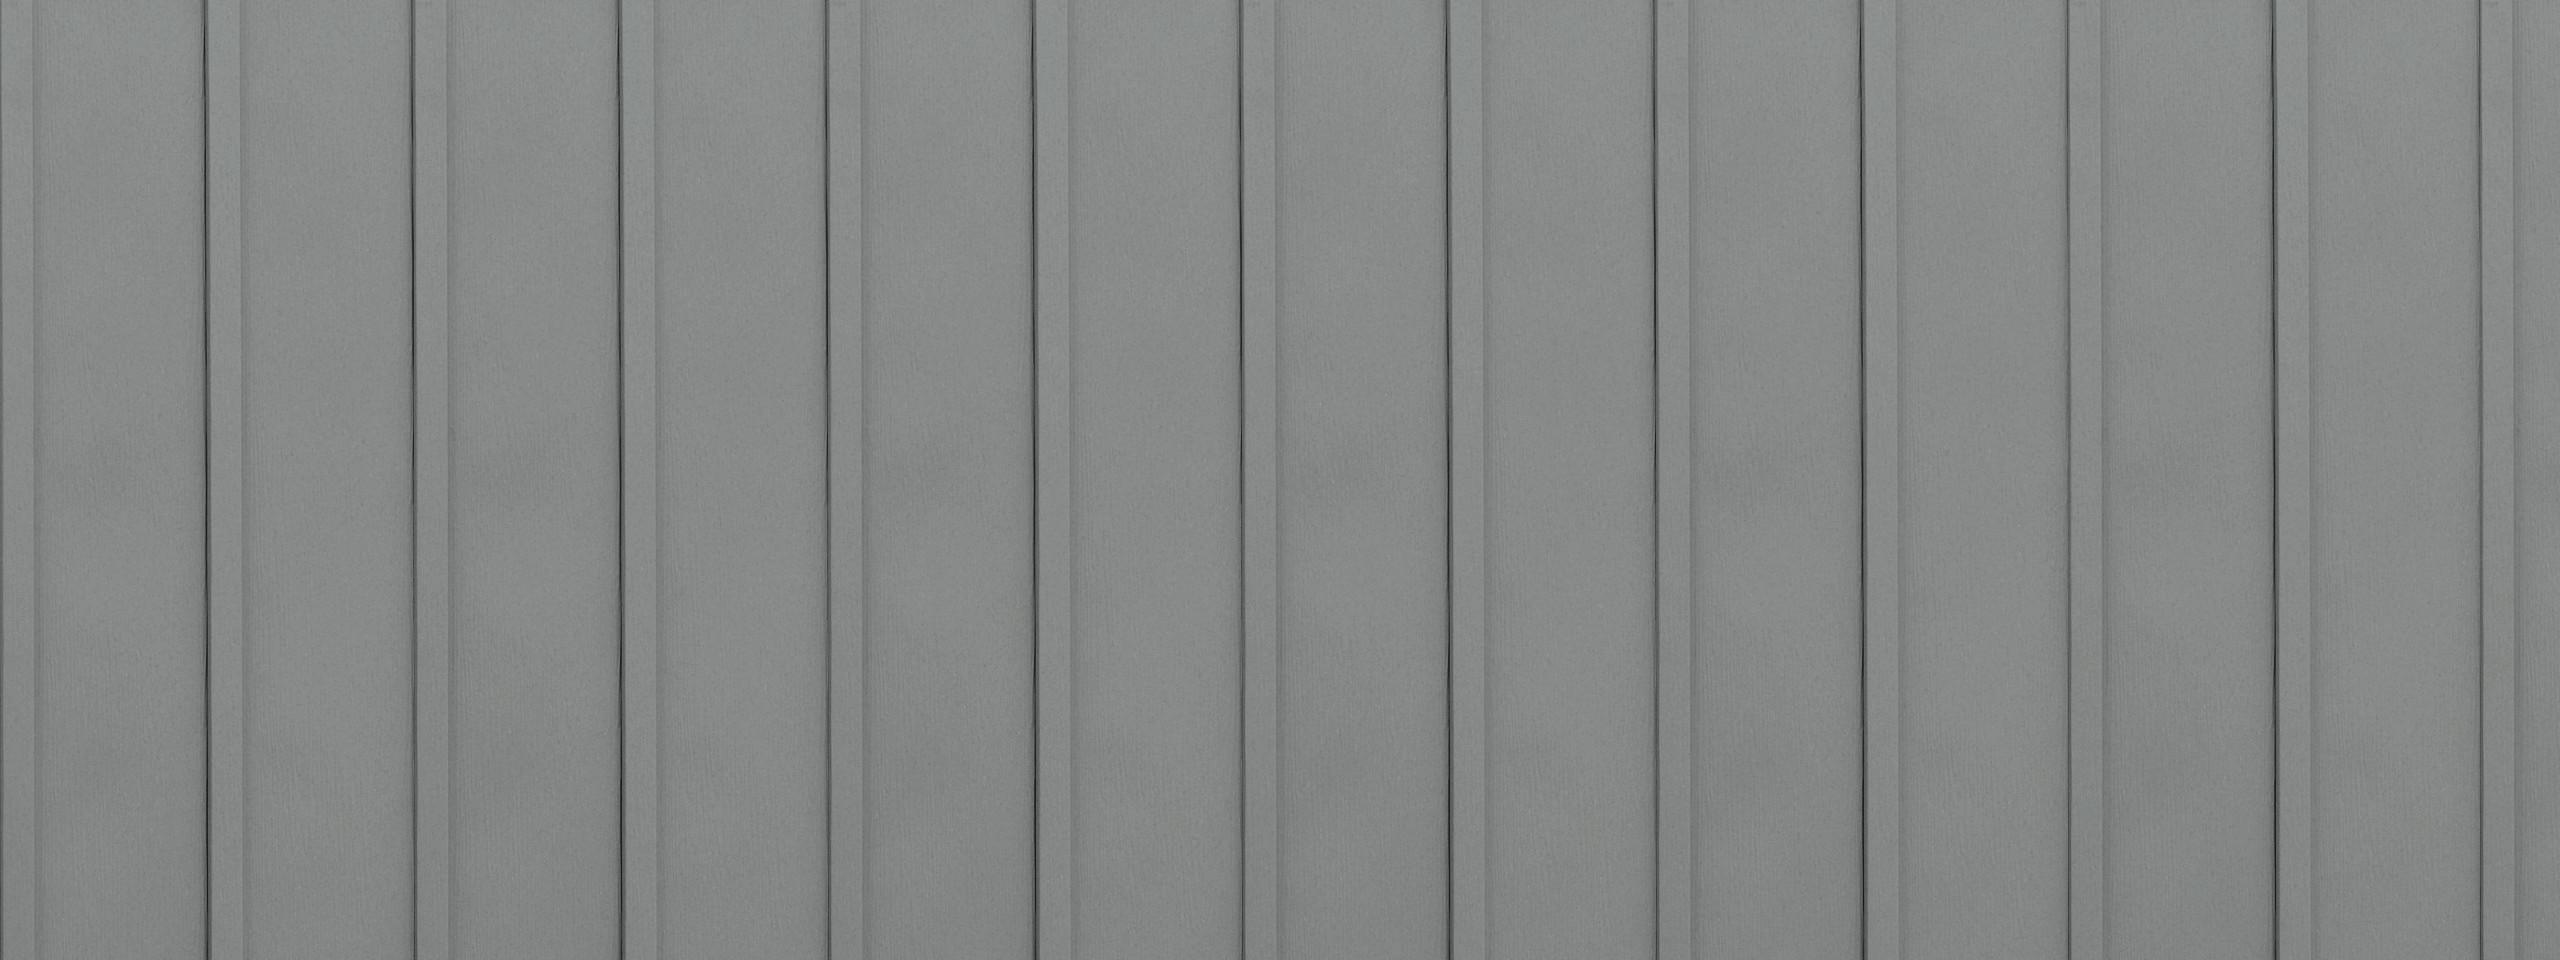 Entex vertical driftwood board and batten steel siding